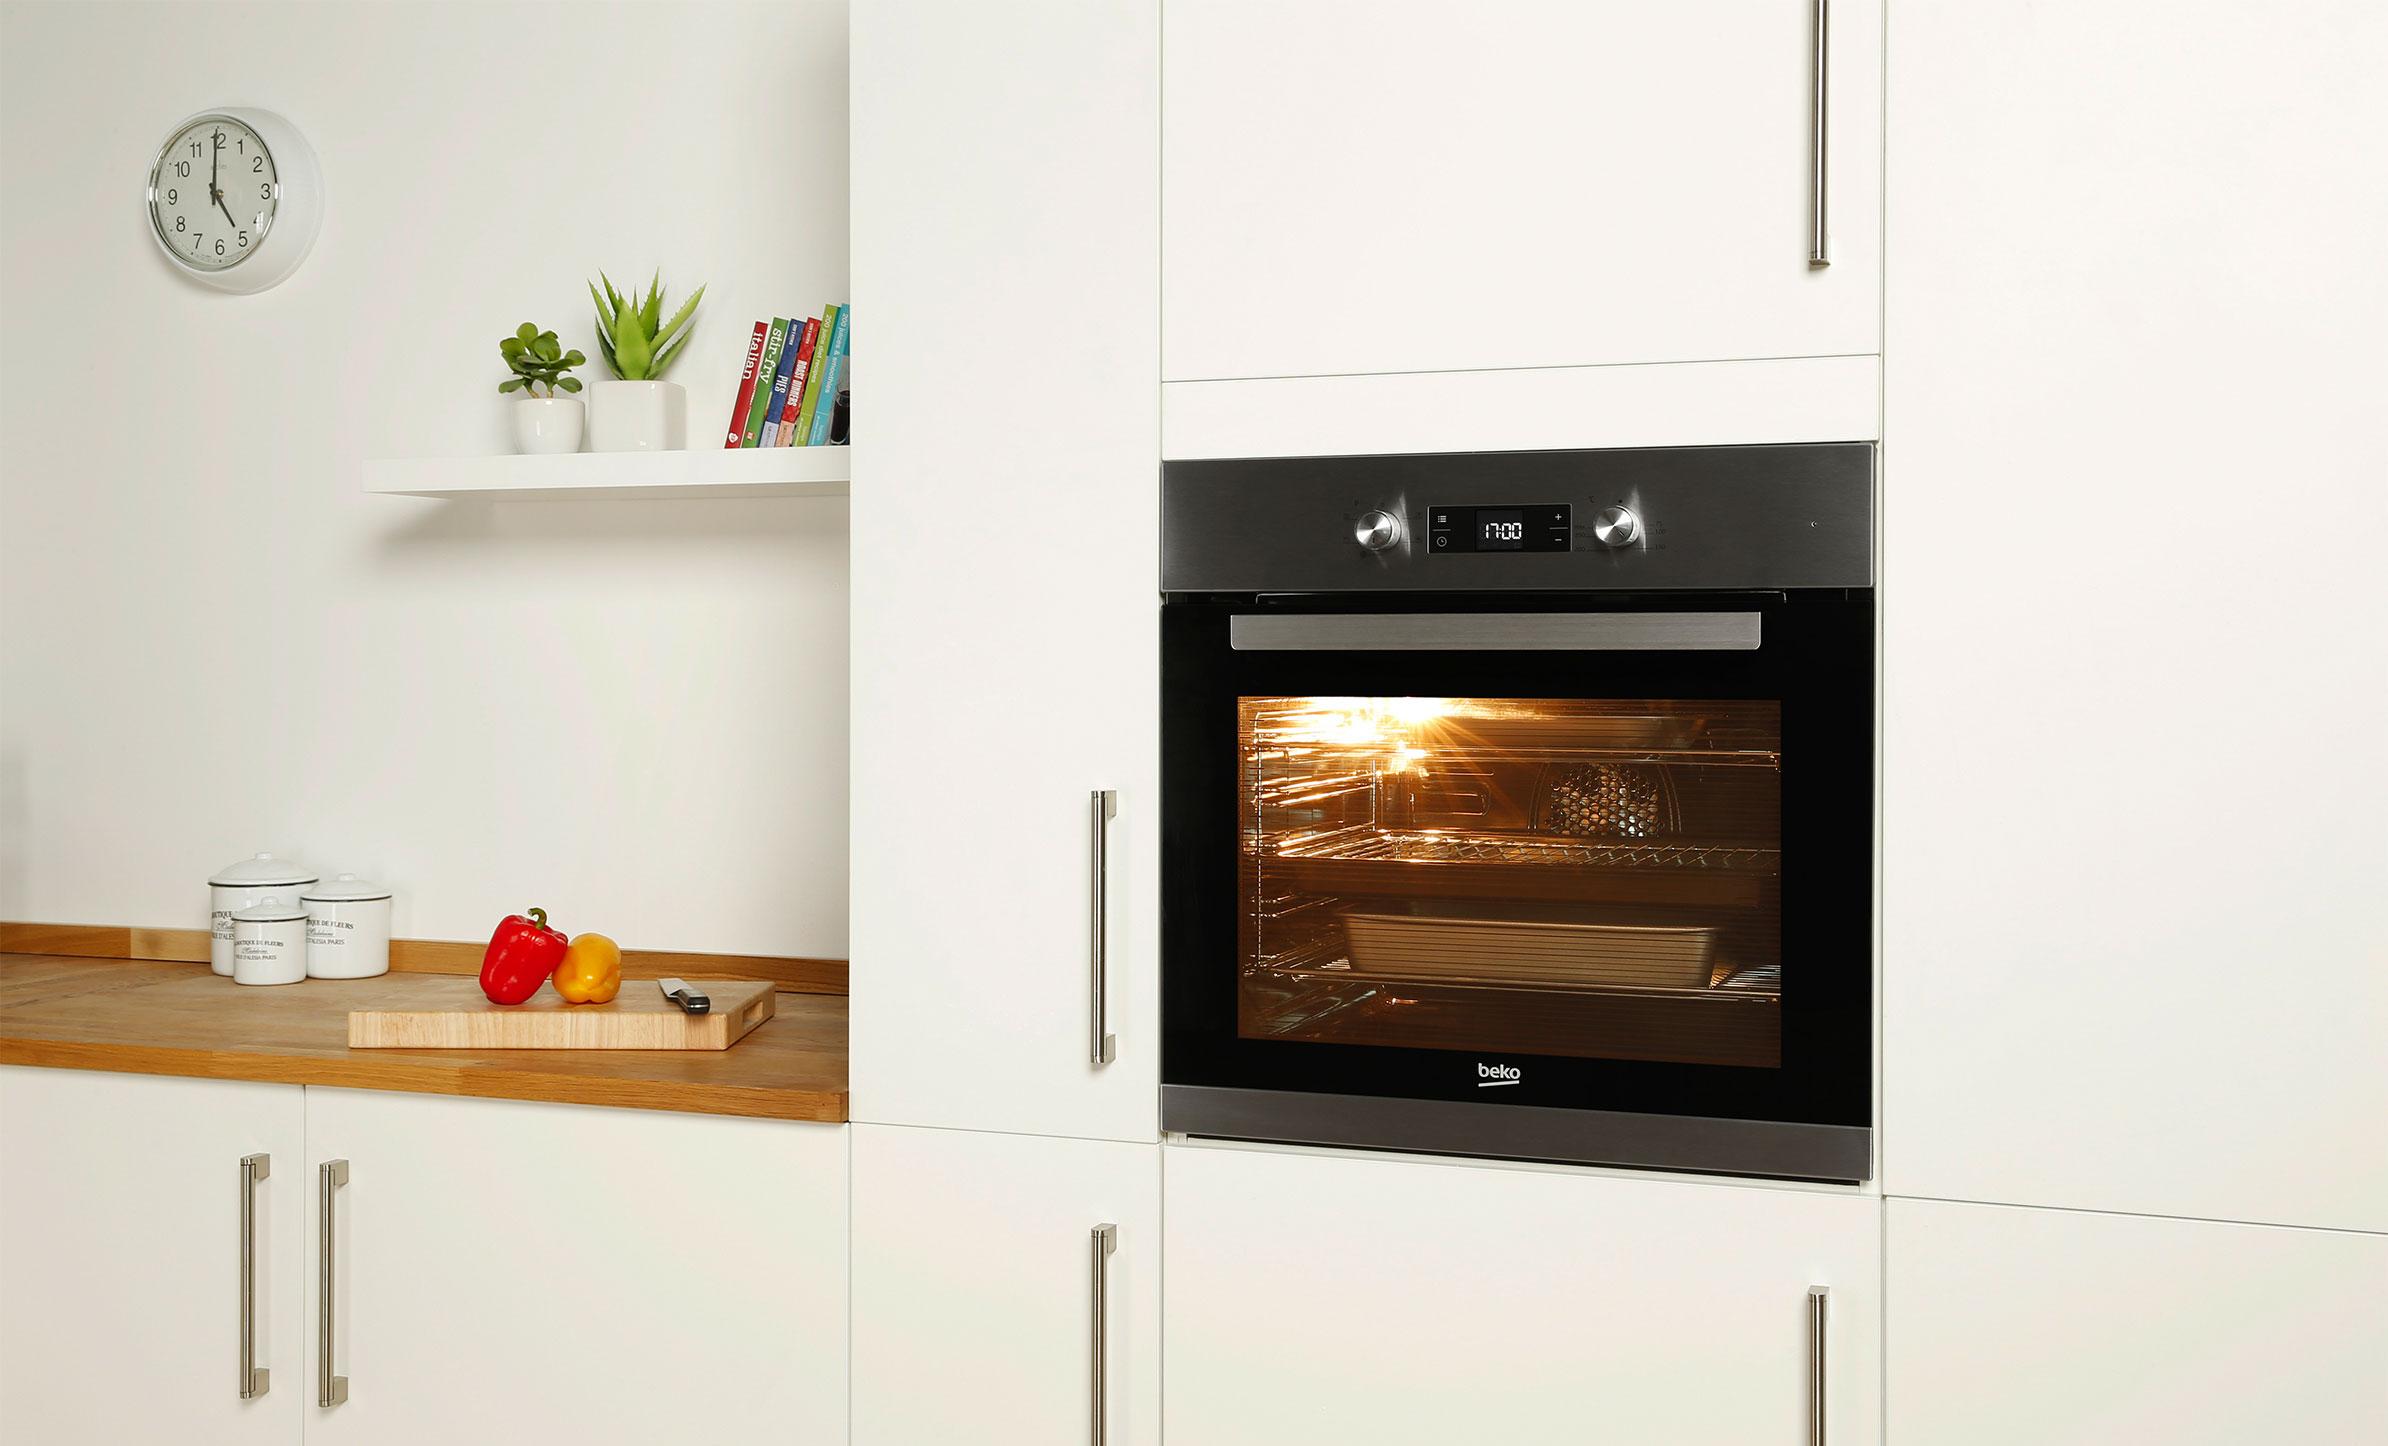 beko appliances from. Black Bedroom Furniture Sets. Home Design Ideas